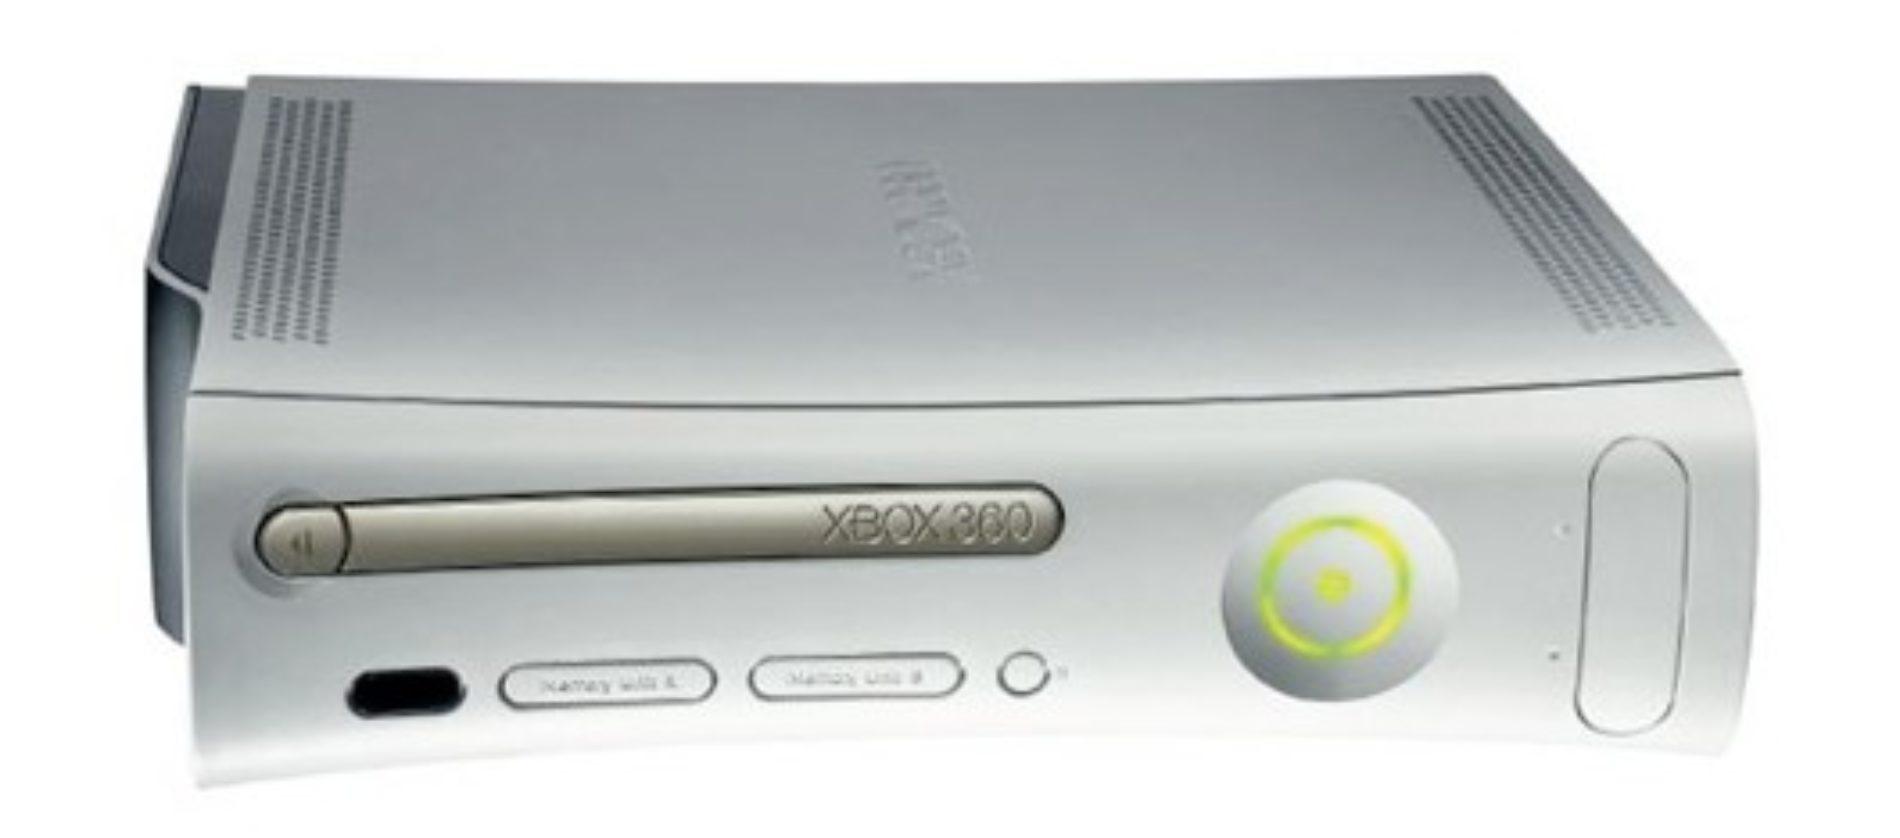 Ремонт игровых приставок XBOX 360 Fat